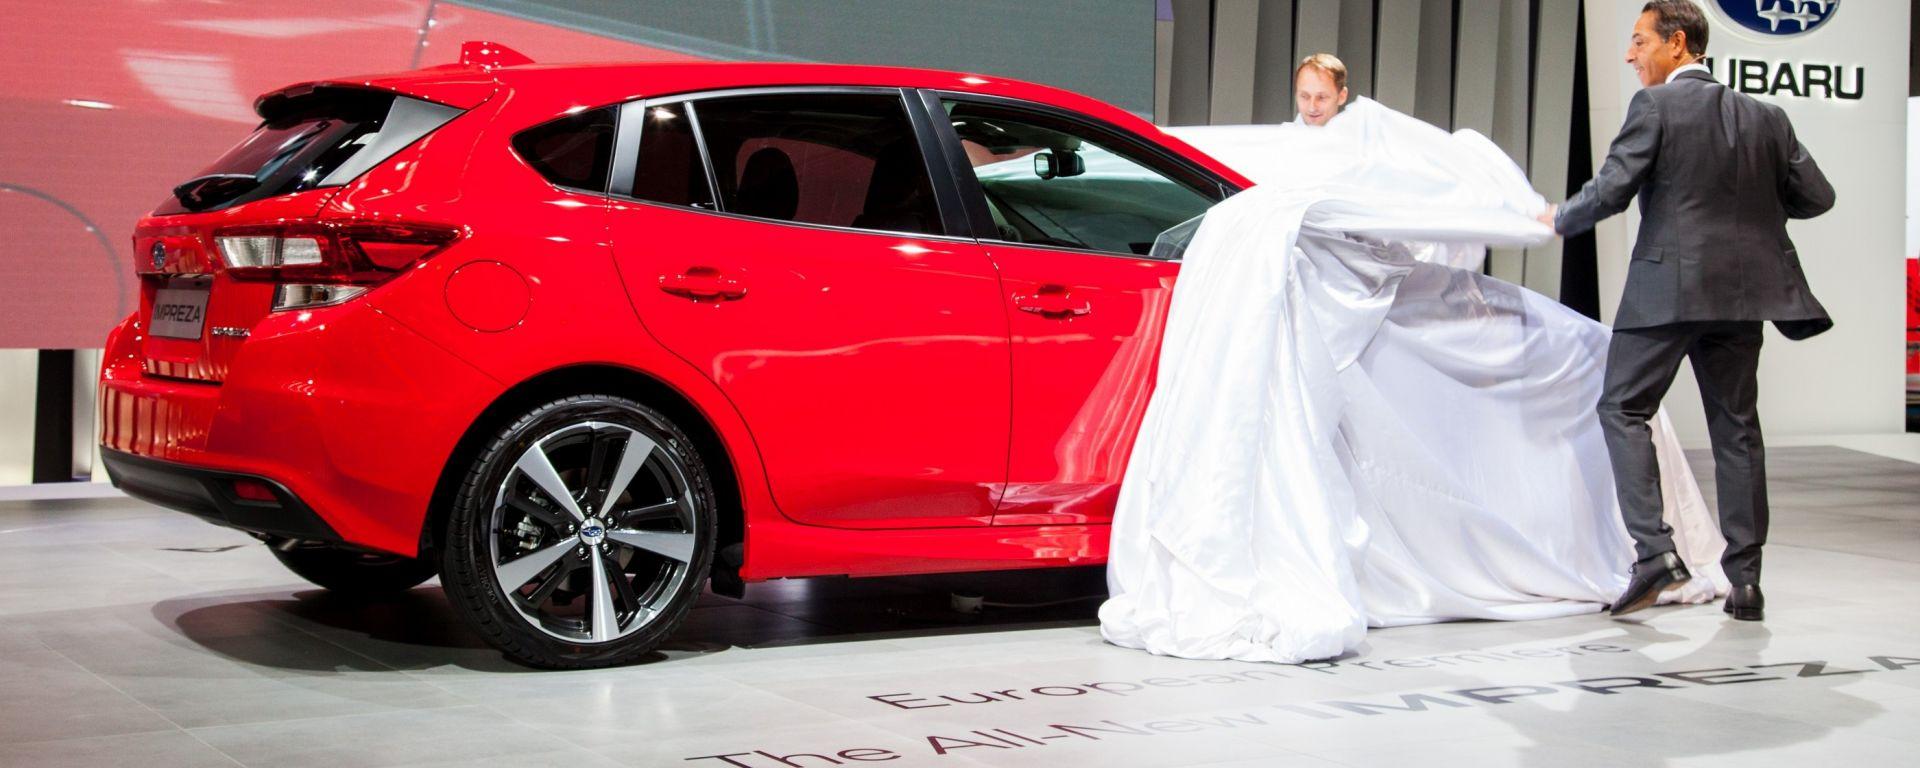 Subaru Impresa 2018, Salone dell'auto di Francoforte 2017